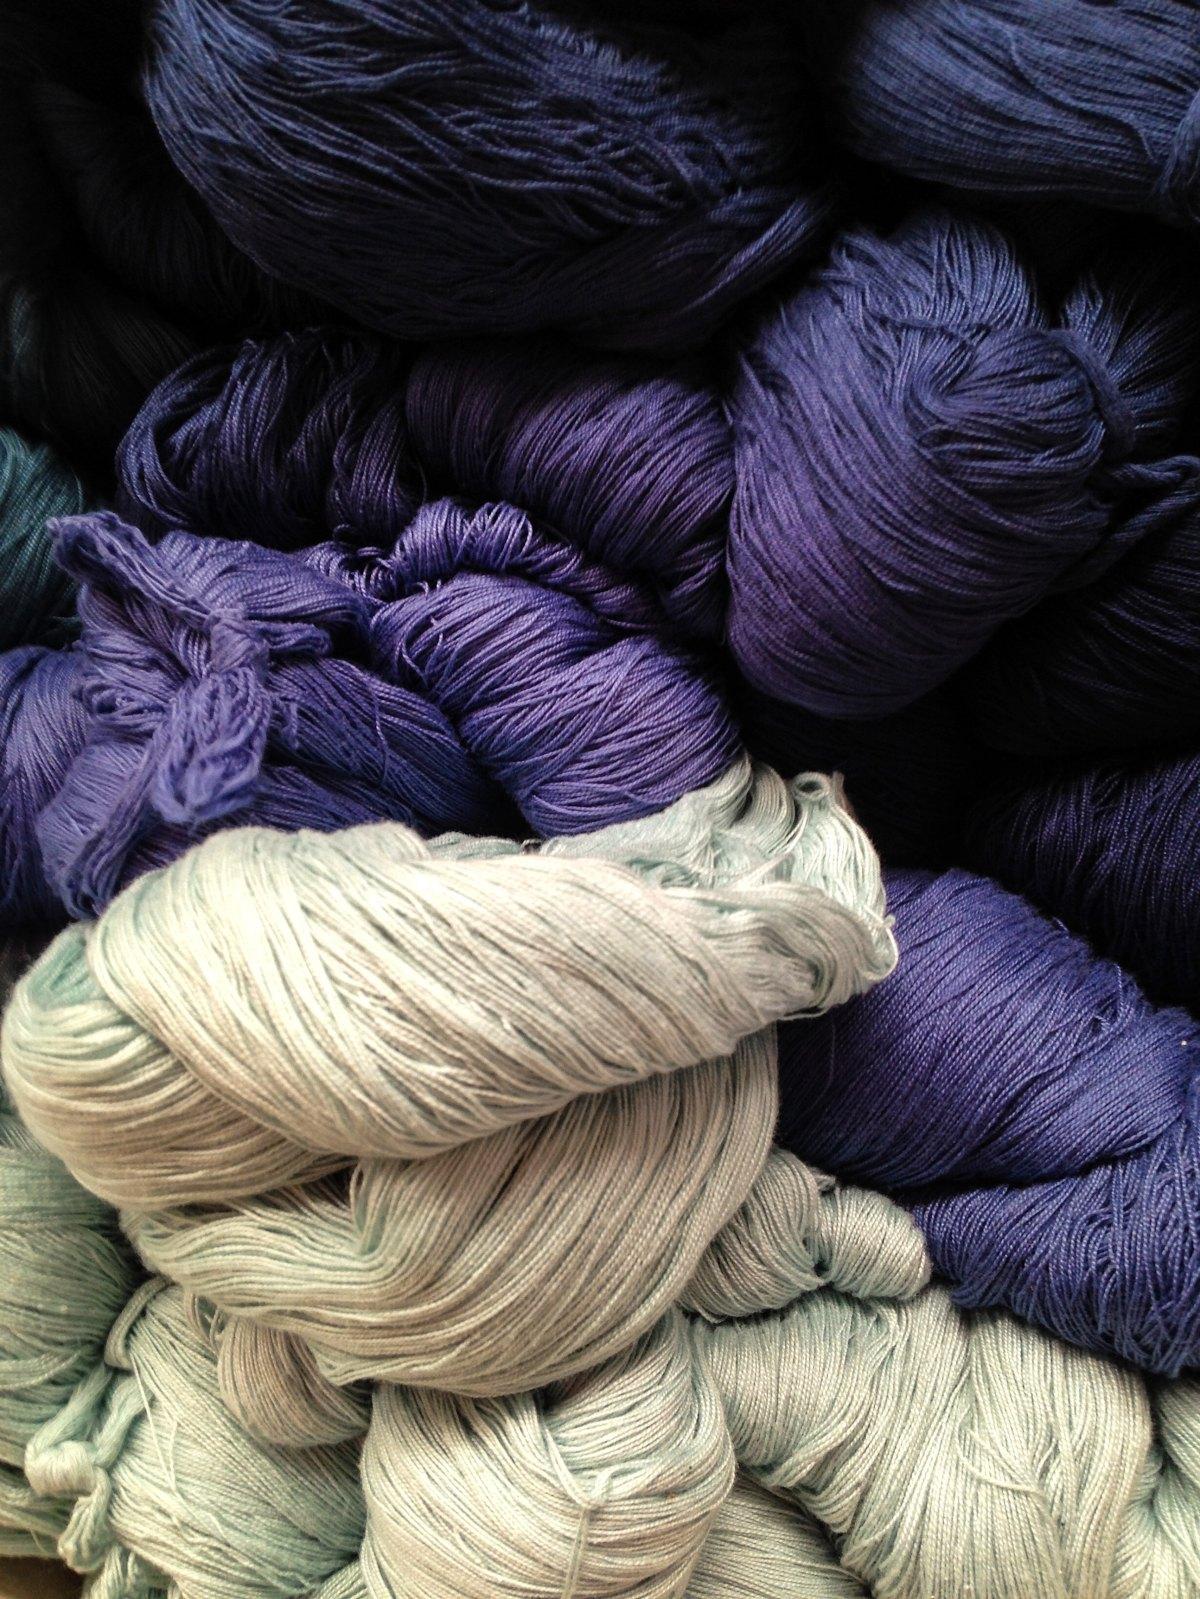 Spring Crafting: YarnDyeing